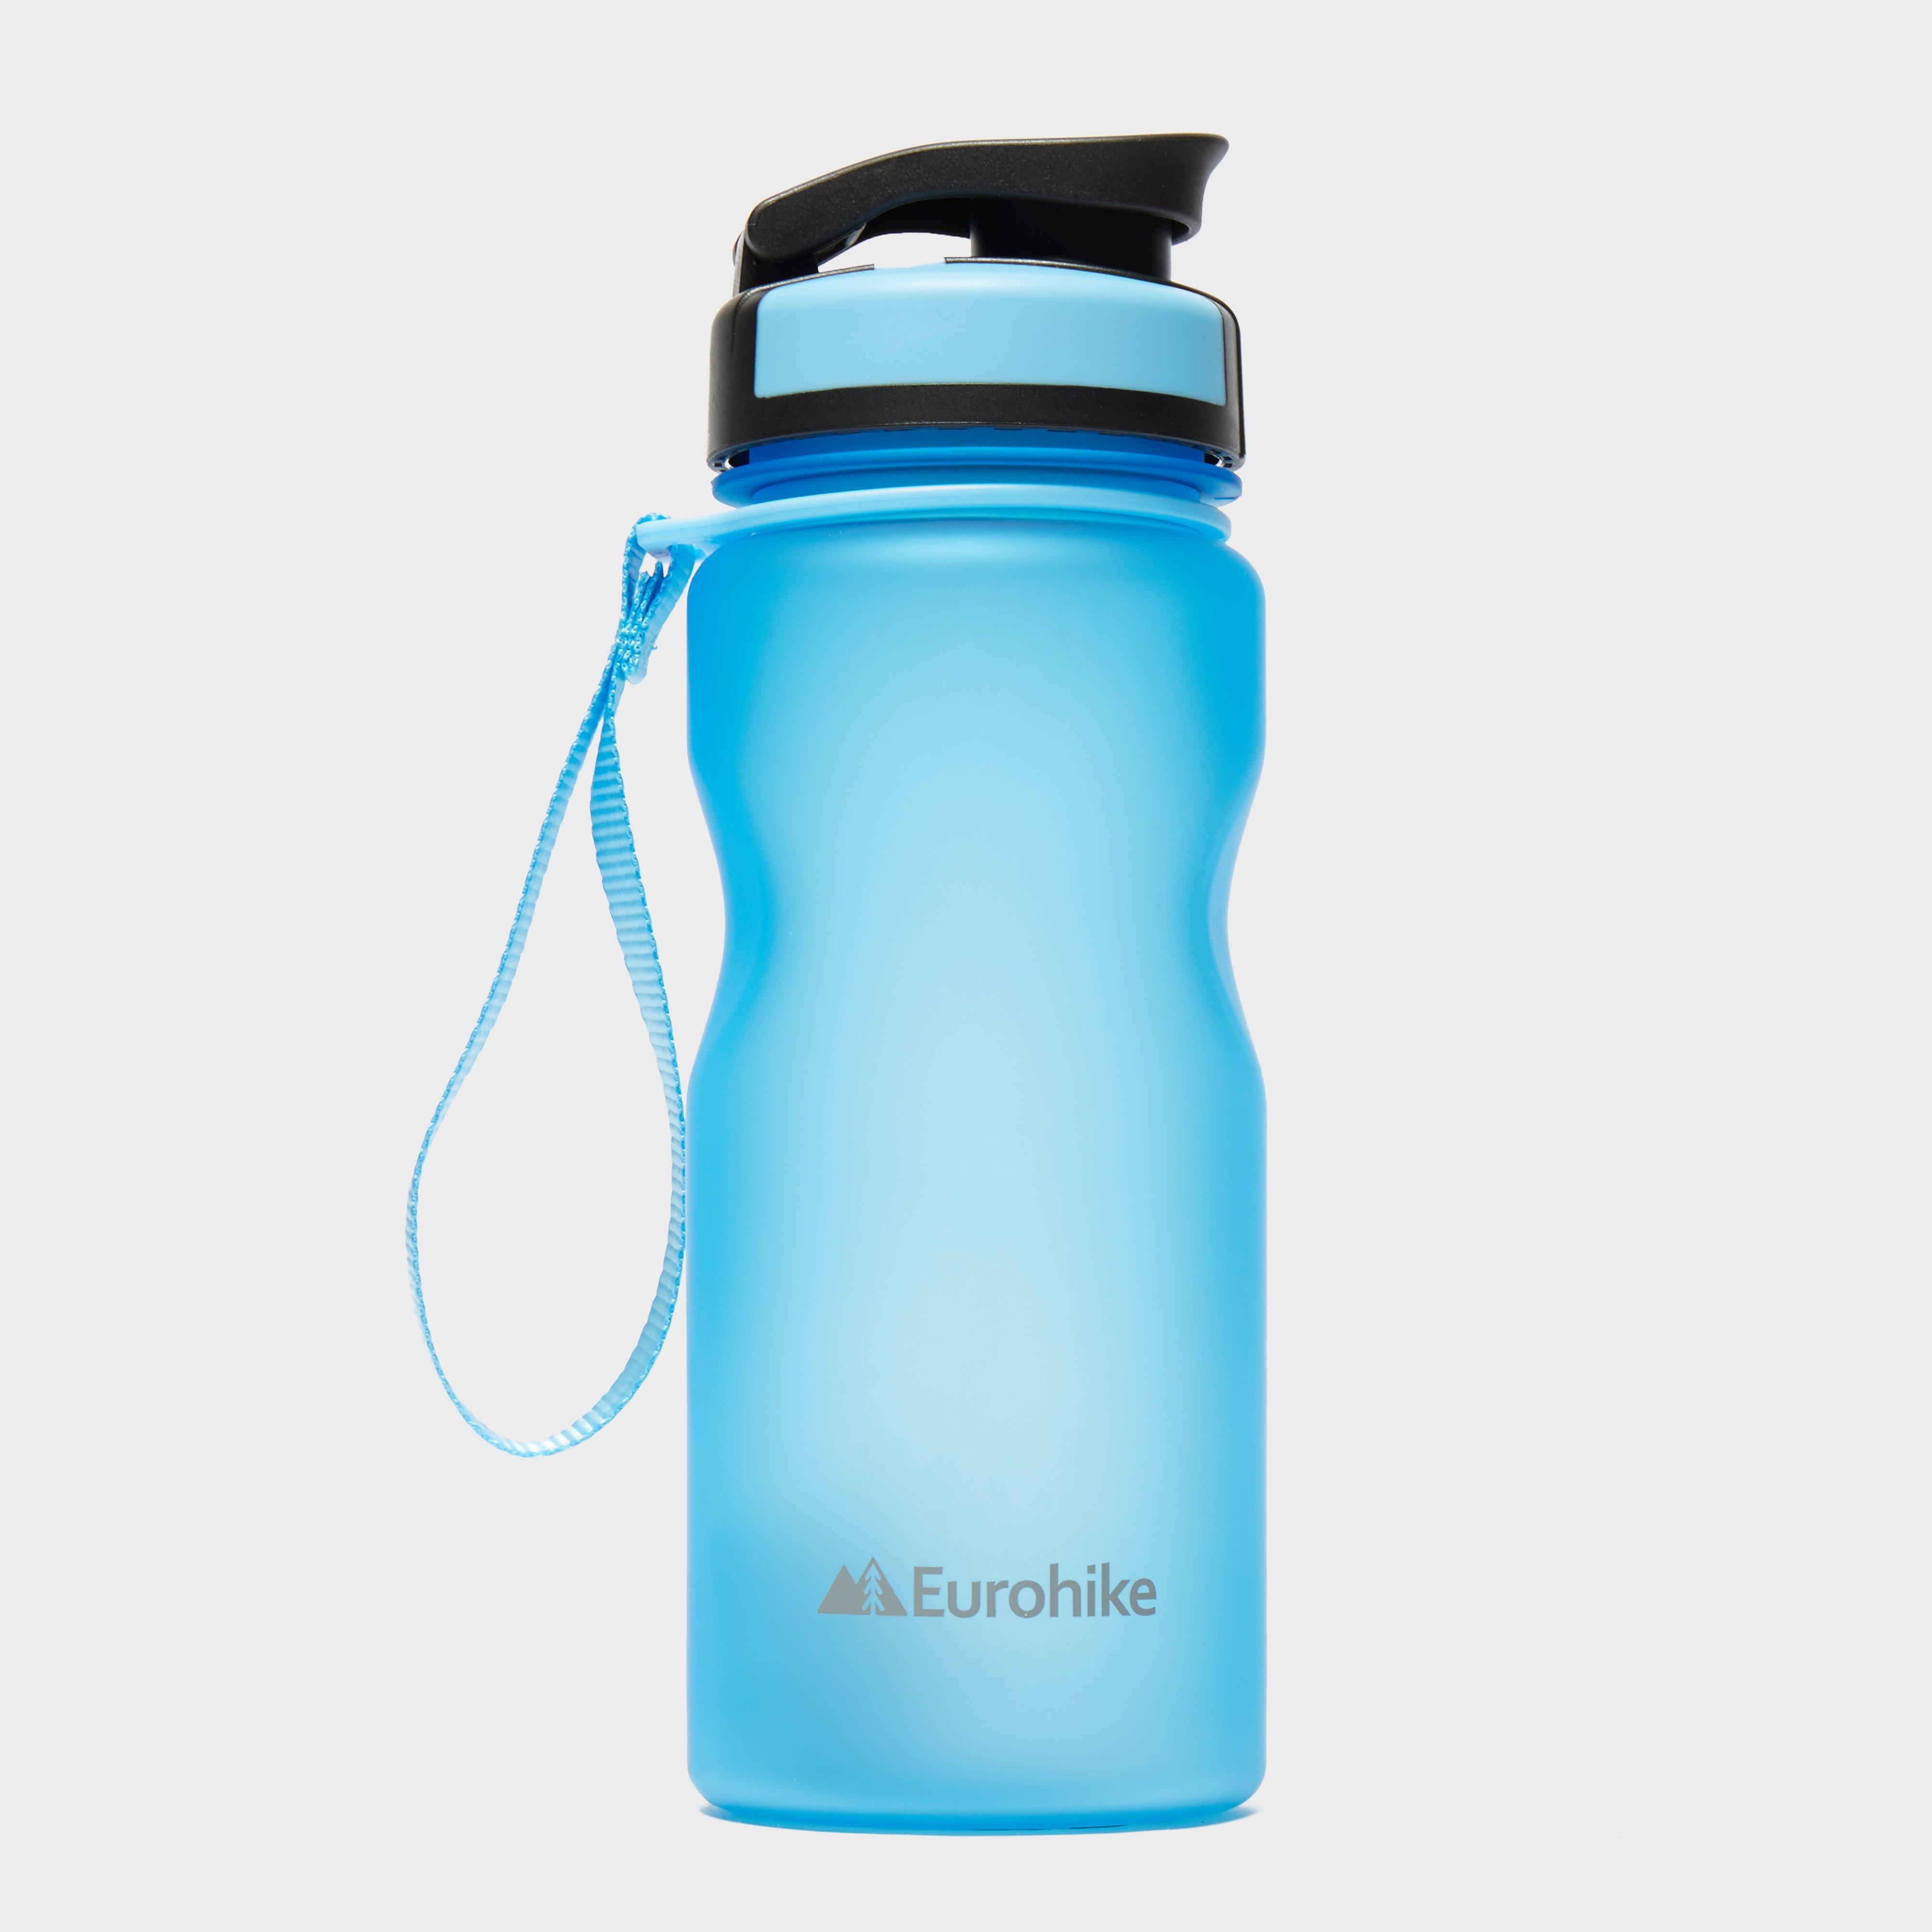 Eurohike Flip Bottle 650ml, Blue/LBL